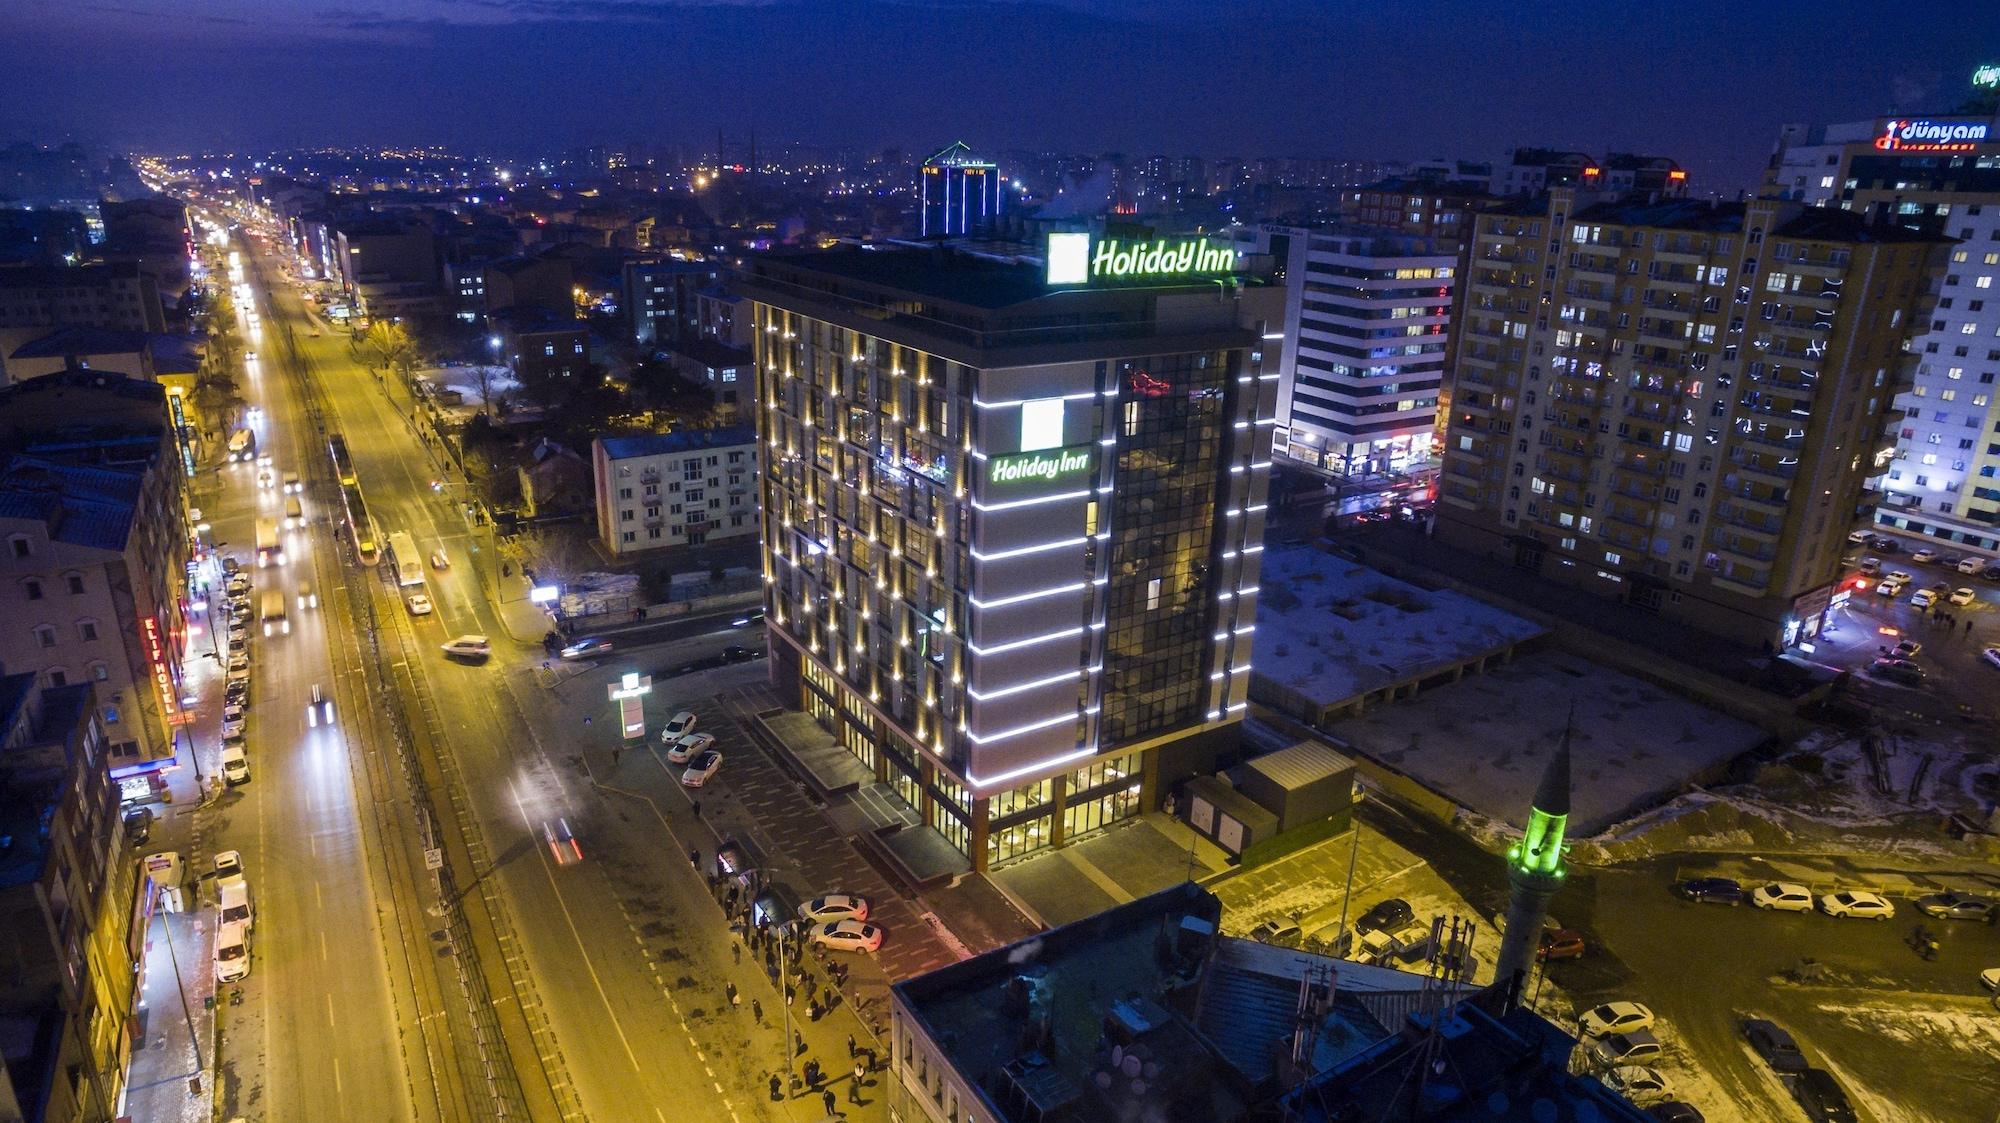 Holiday Inn Kayseri - Duvenonu, Melikgazi